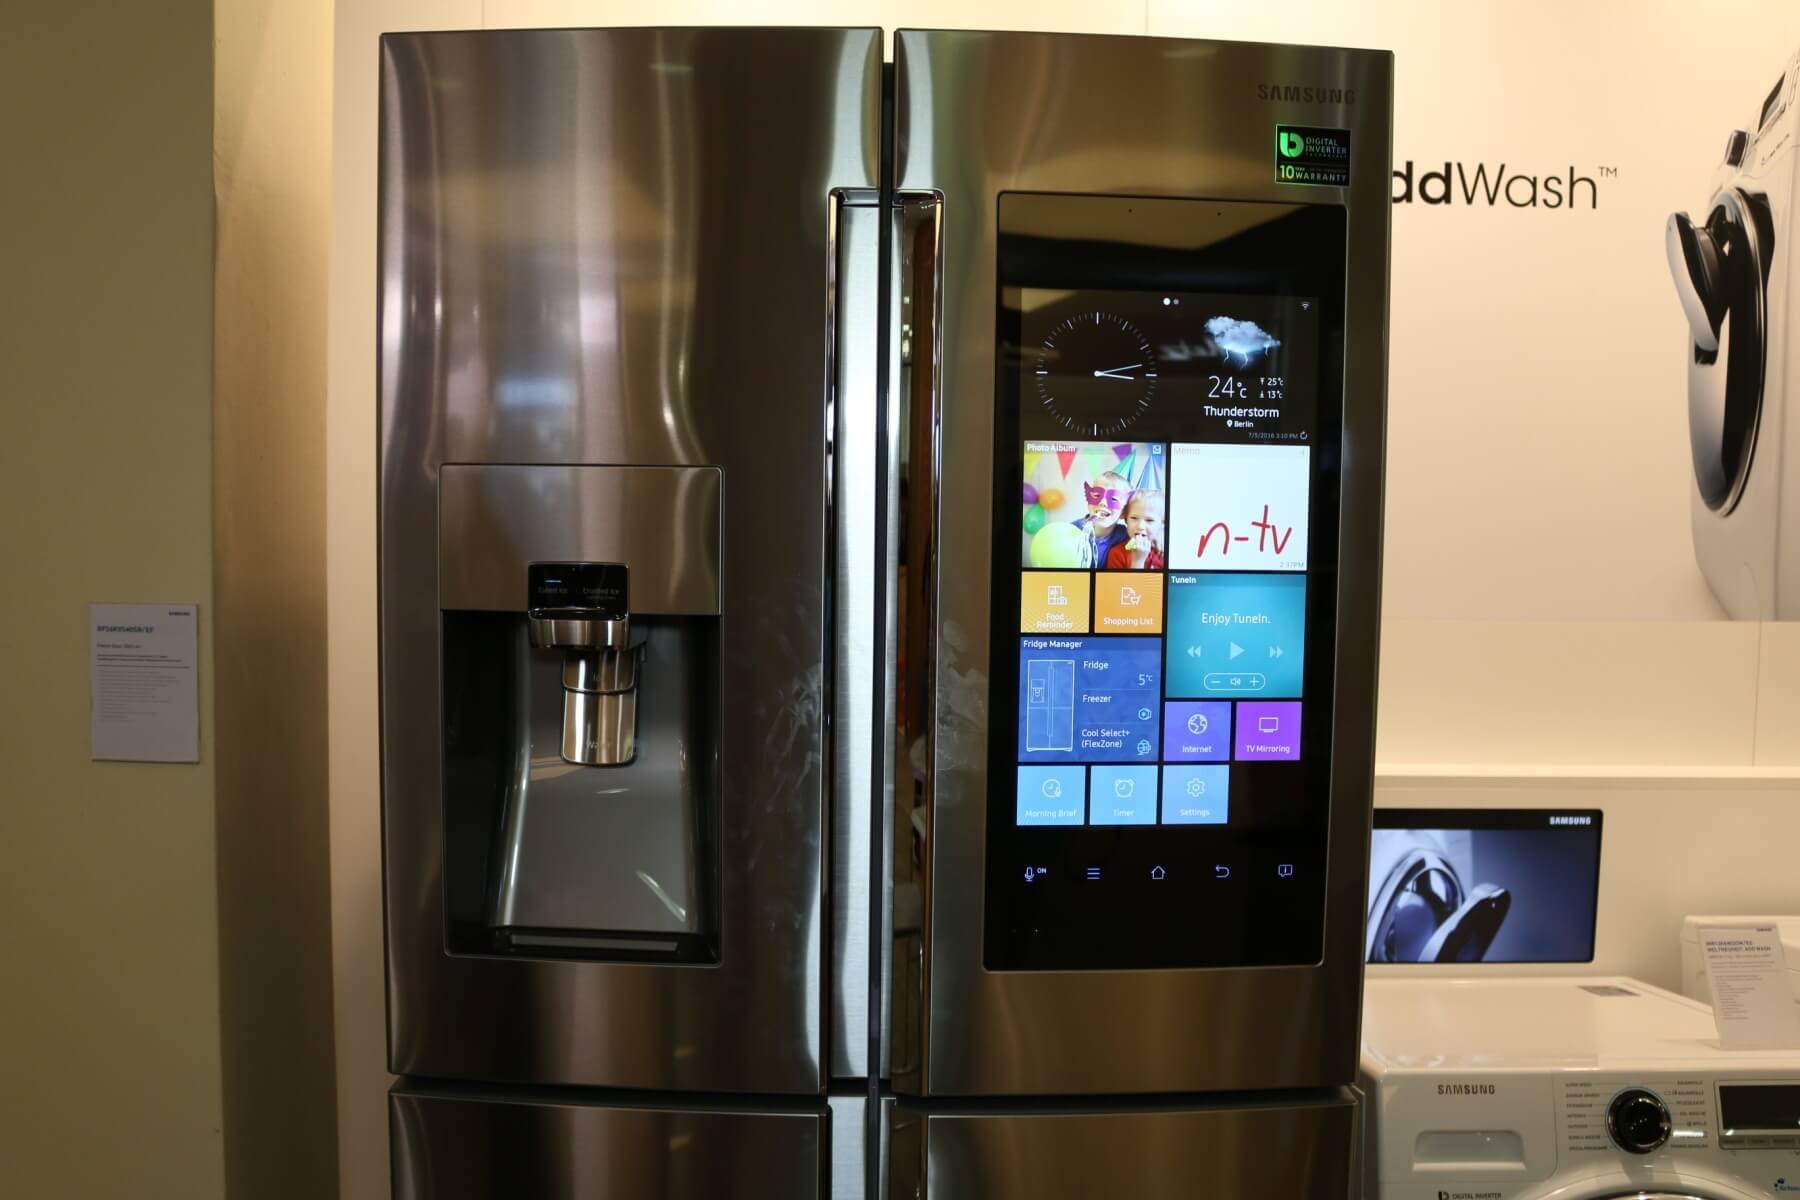 Amerikanischer Kühlschrank Eintürig : Ausgescherzt quadcore kühlschrank mit full hd display kommt zu uns